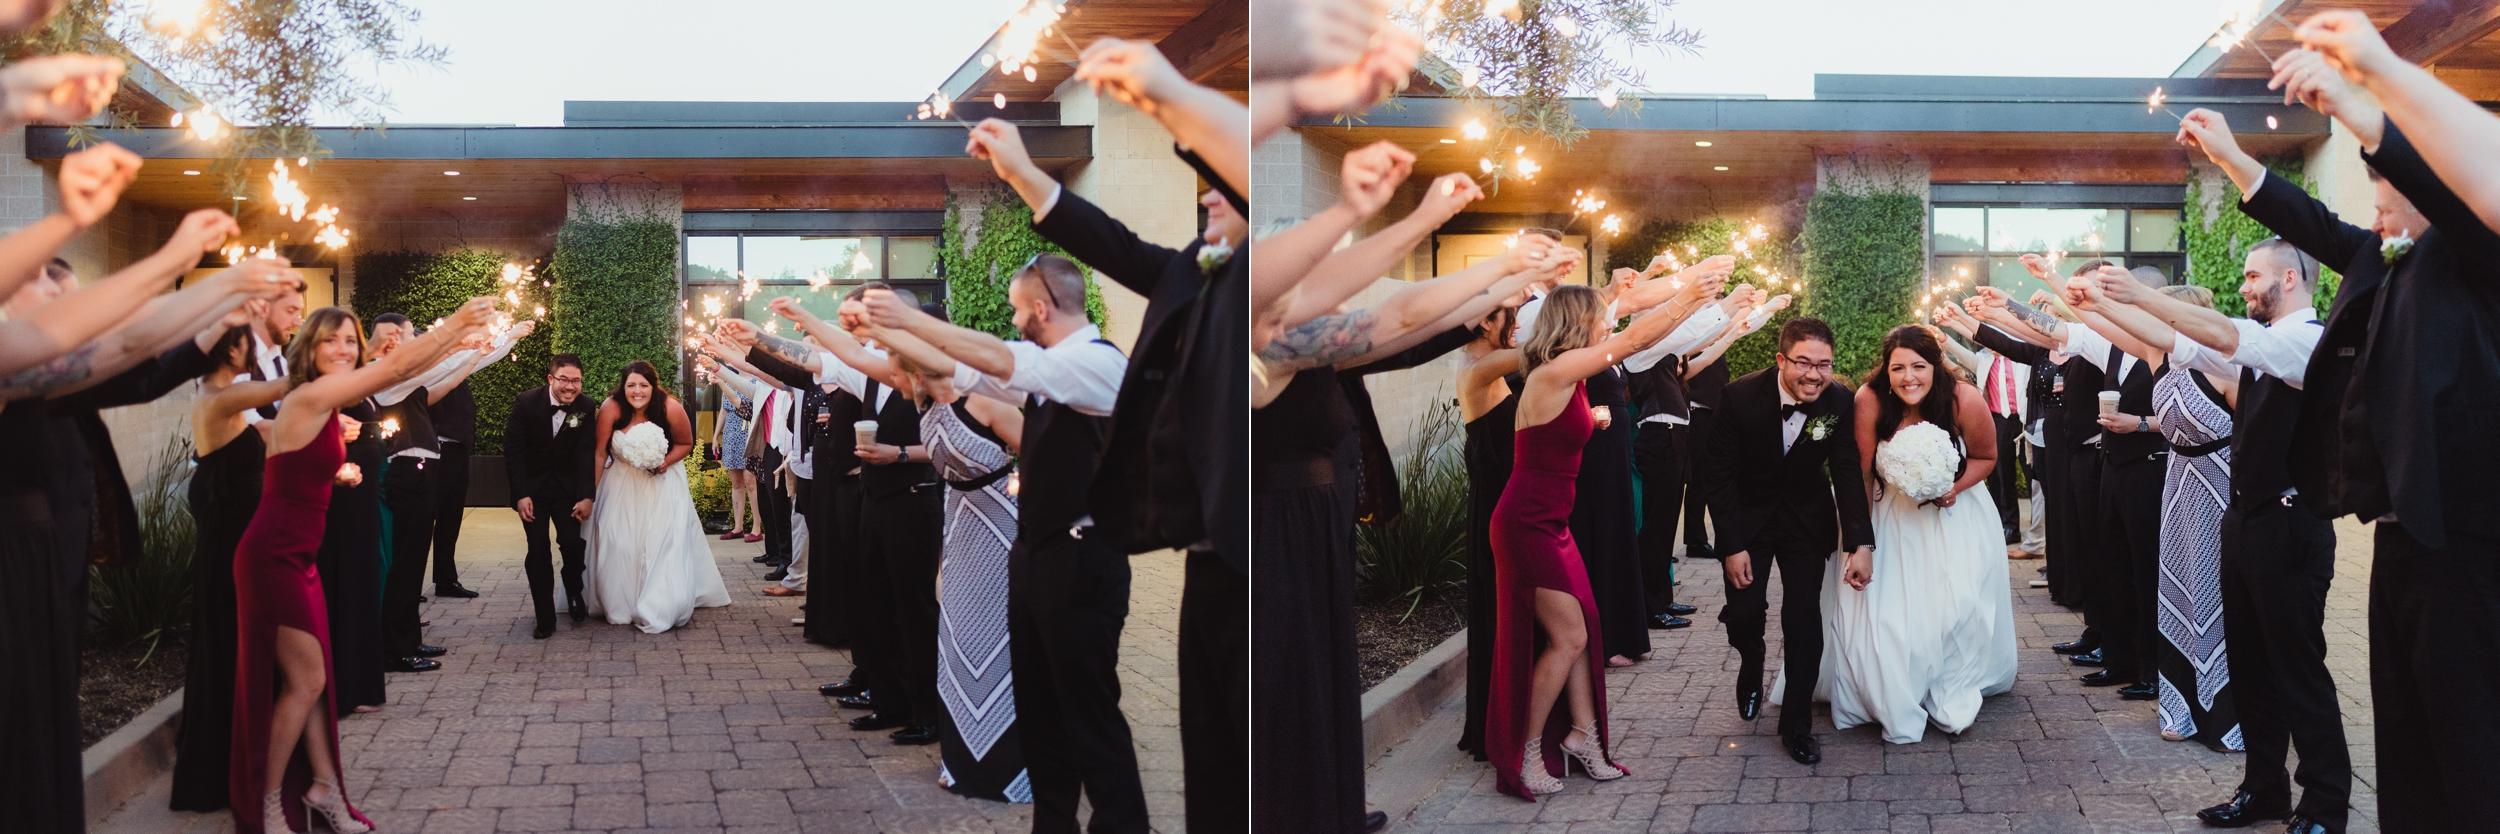 66-bardessono-yountville-napa-wedding-vivianchen-595_WEB.jpg